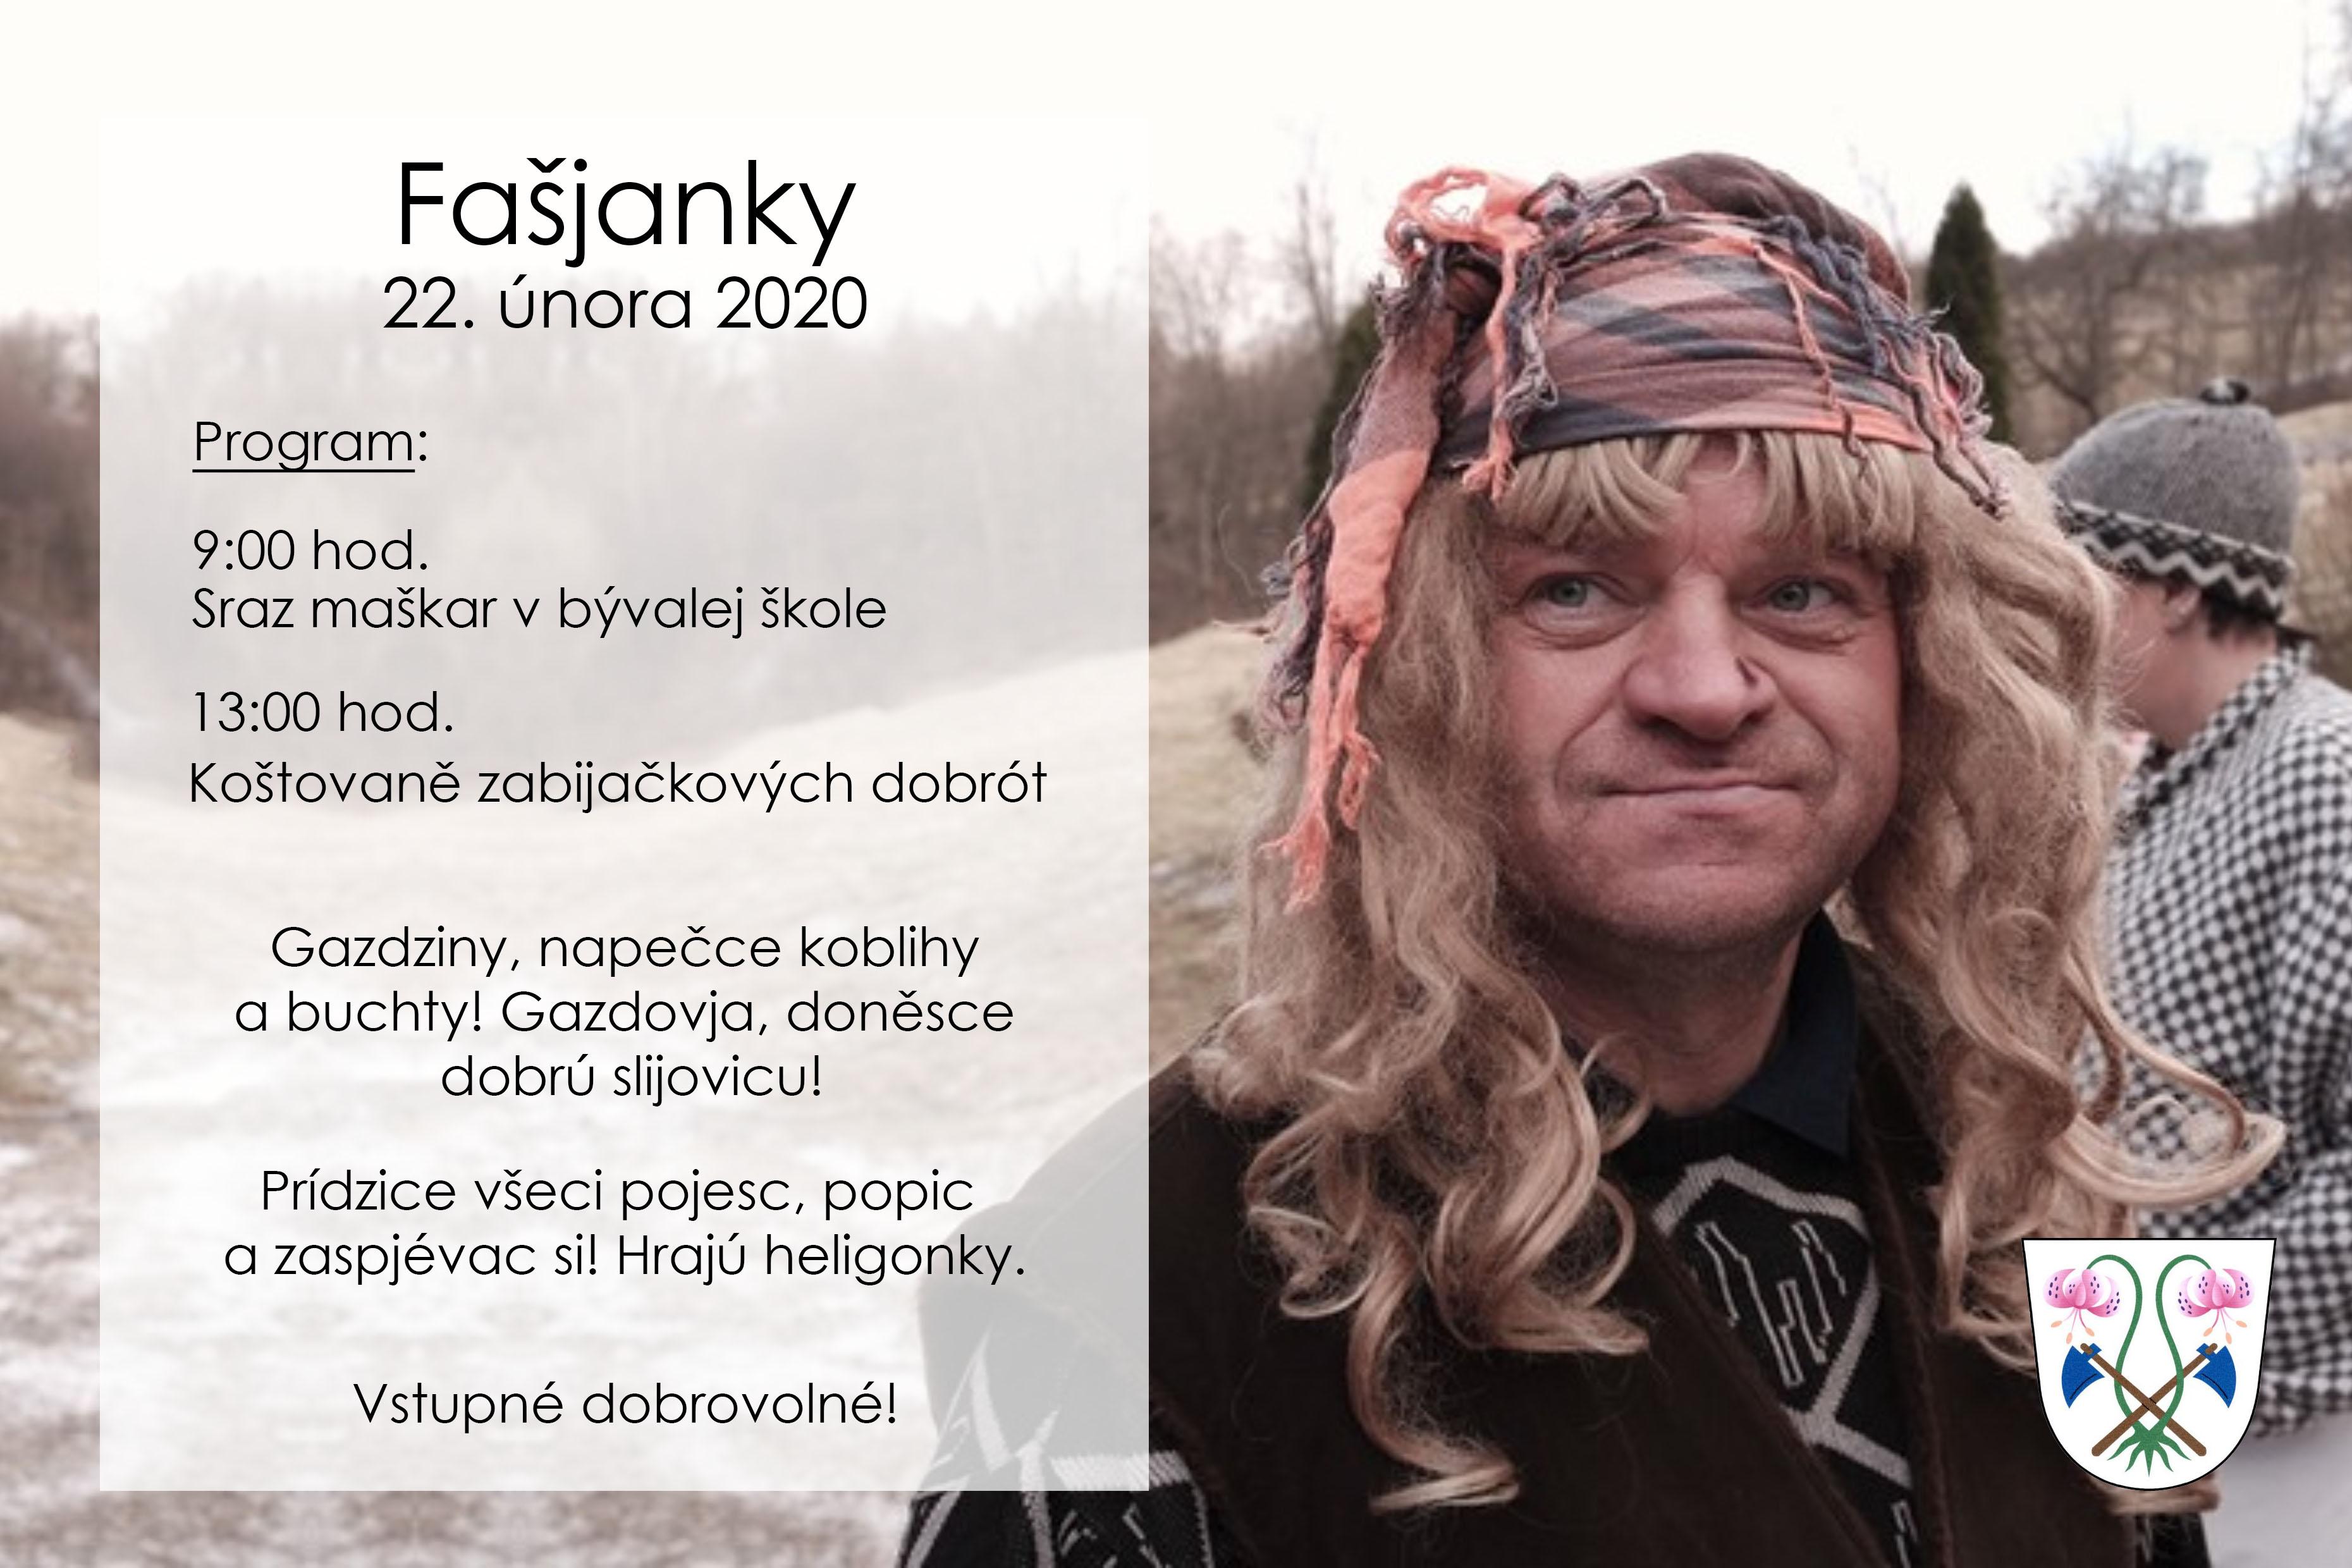 Plakát Fašjanky 2020